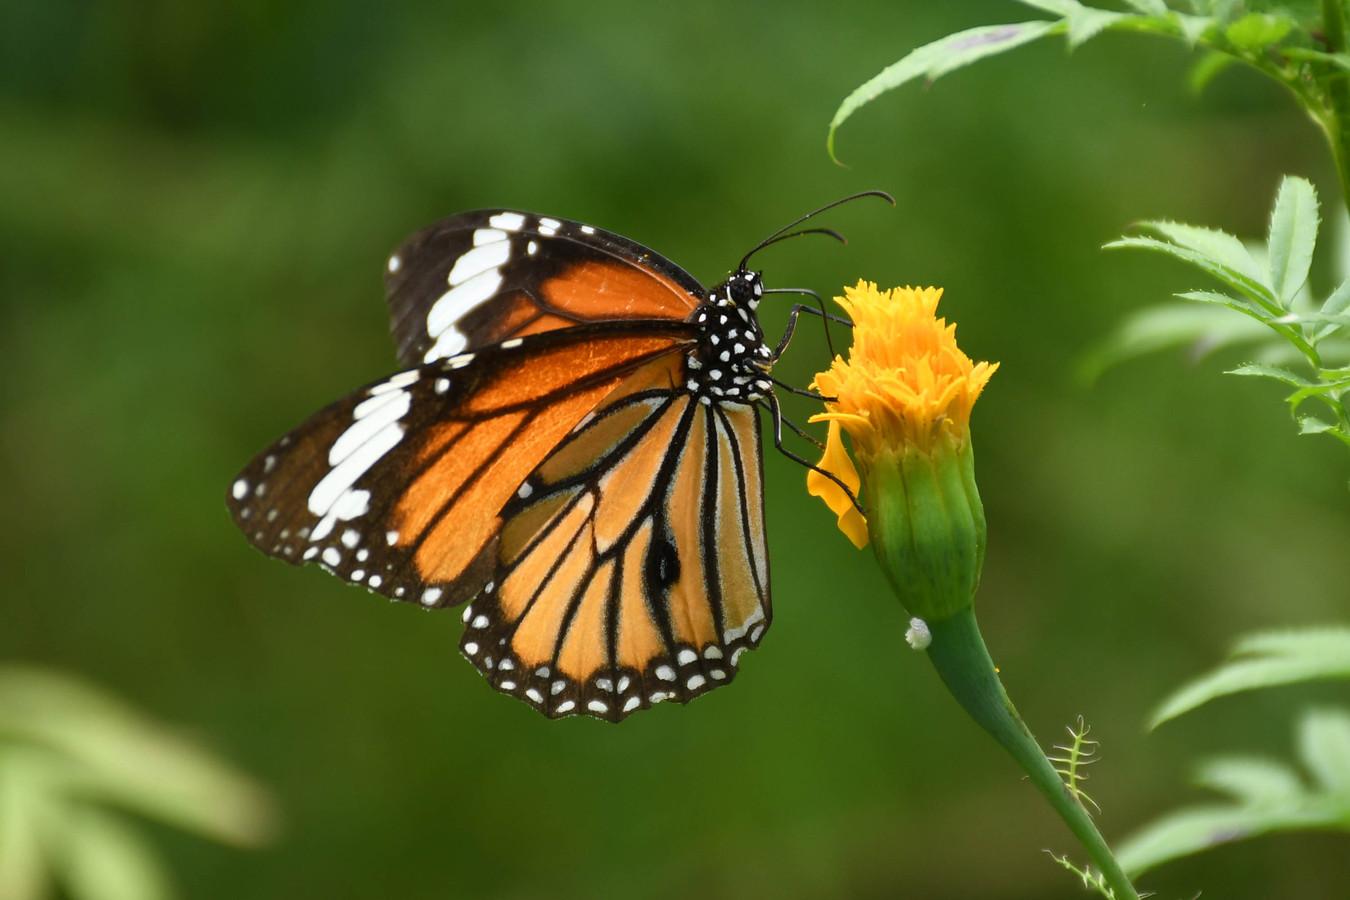 De monarchvlinder.